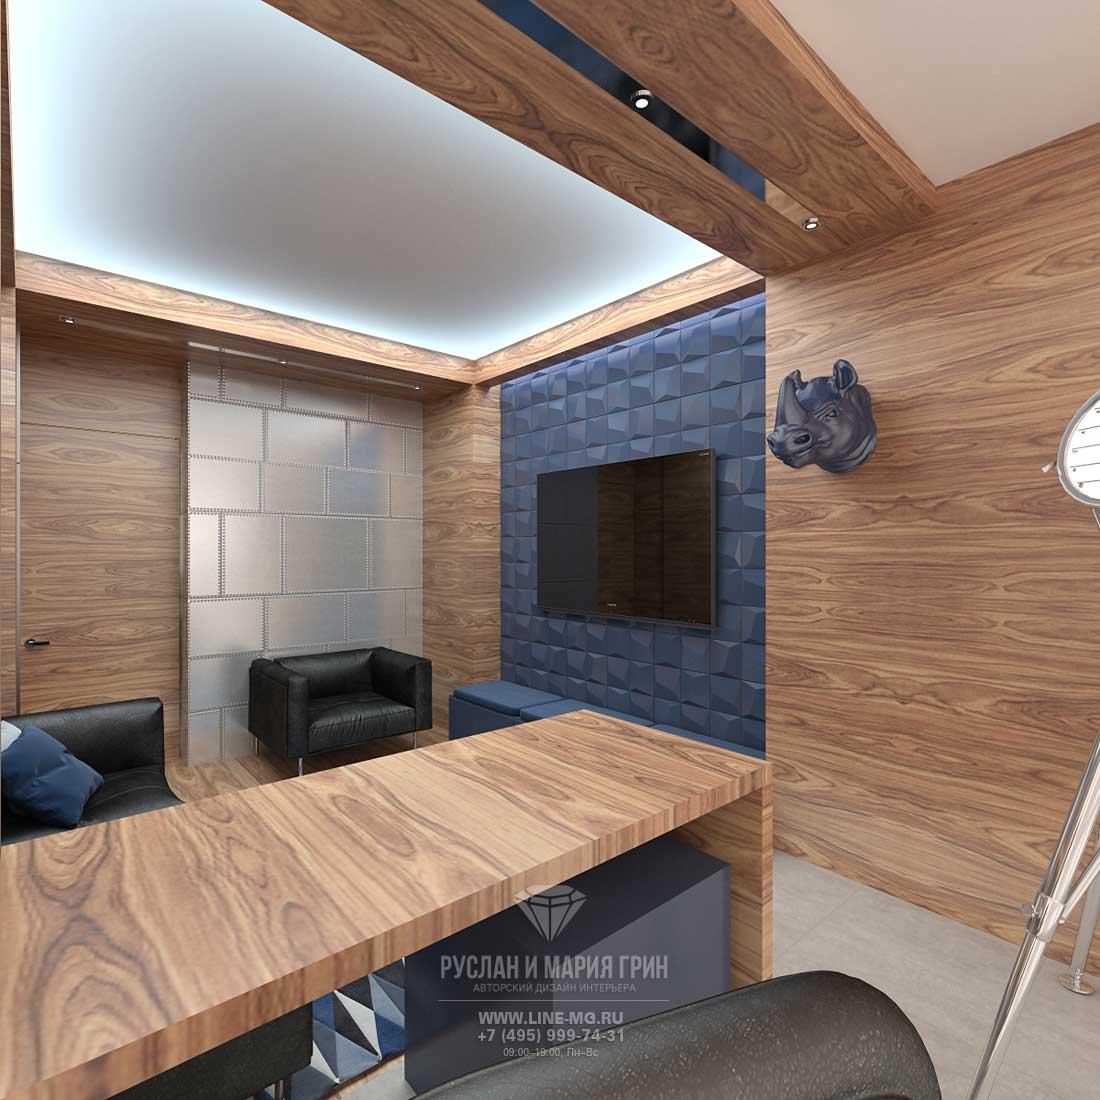 Дизайн кабинета в квартире для молодого человека